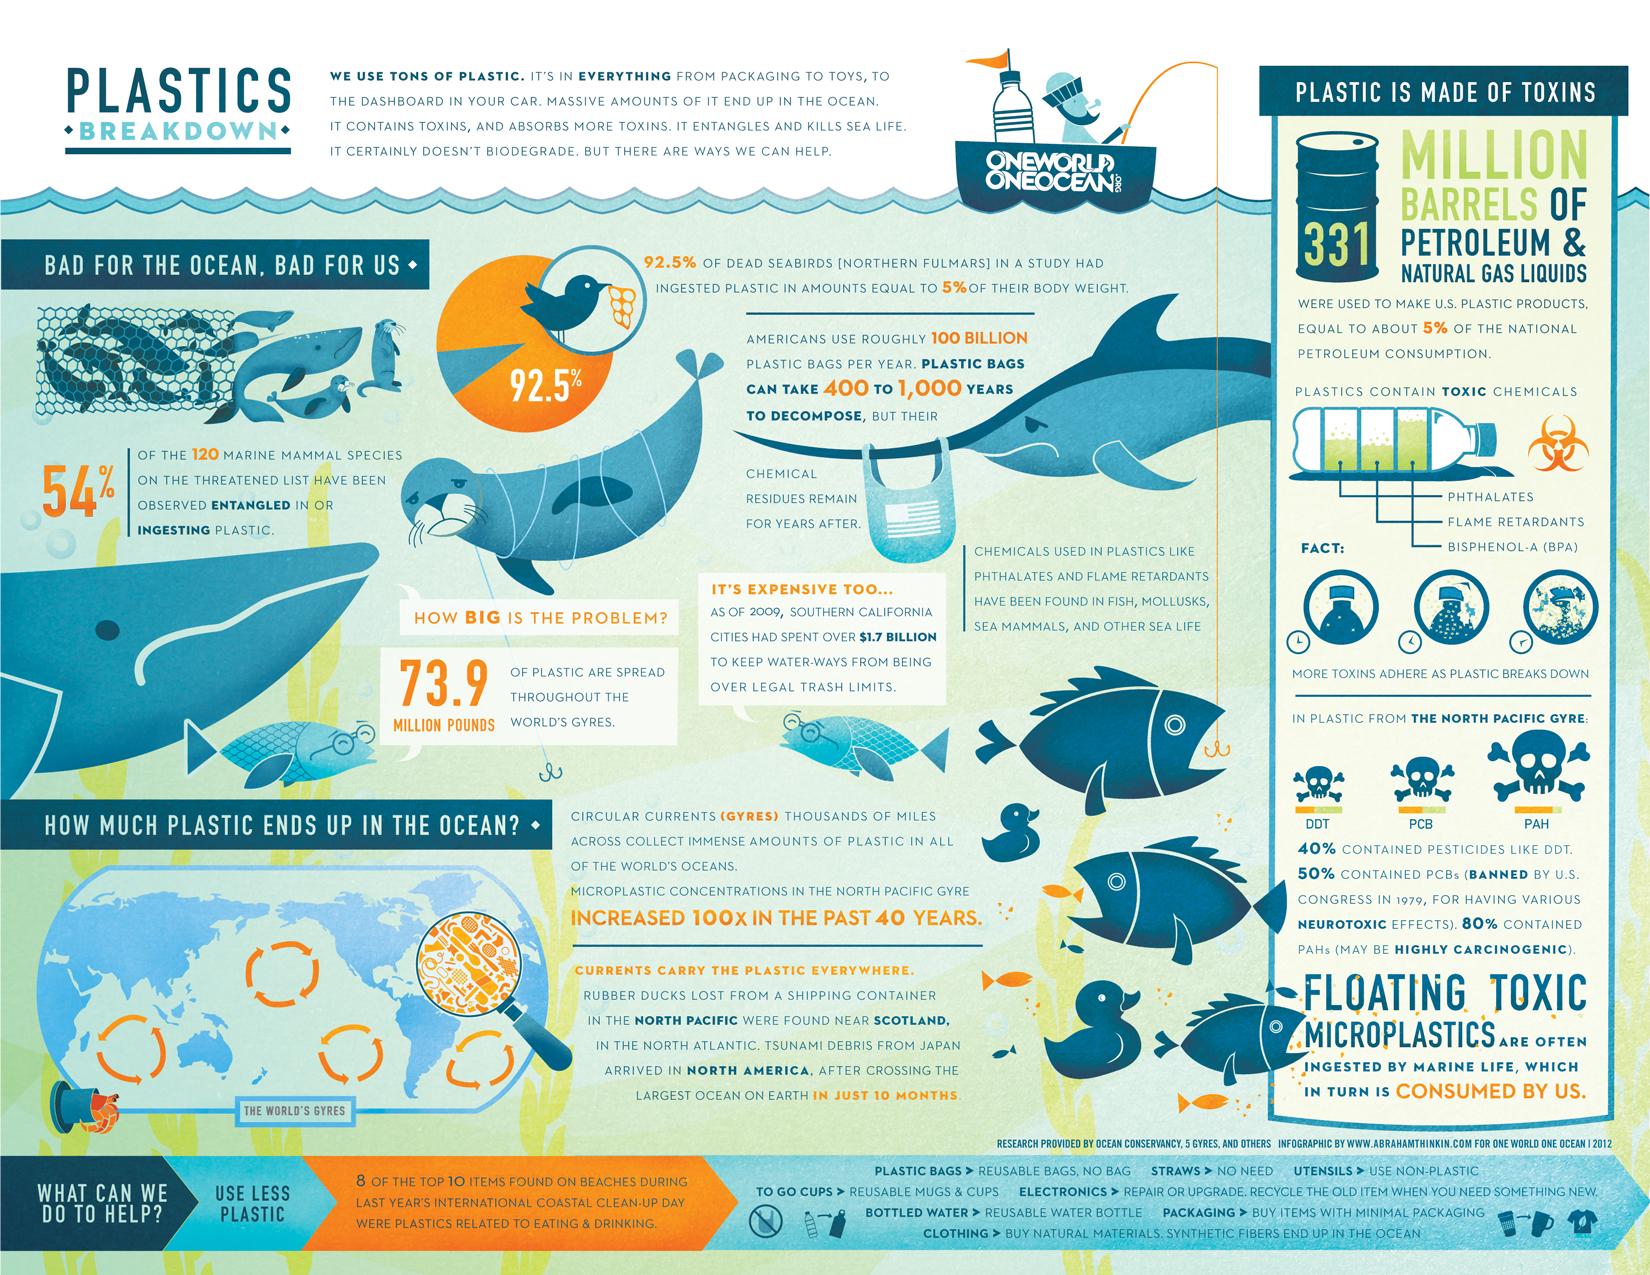 The Plastics Breakdown Infographic